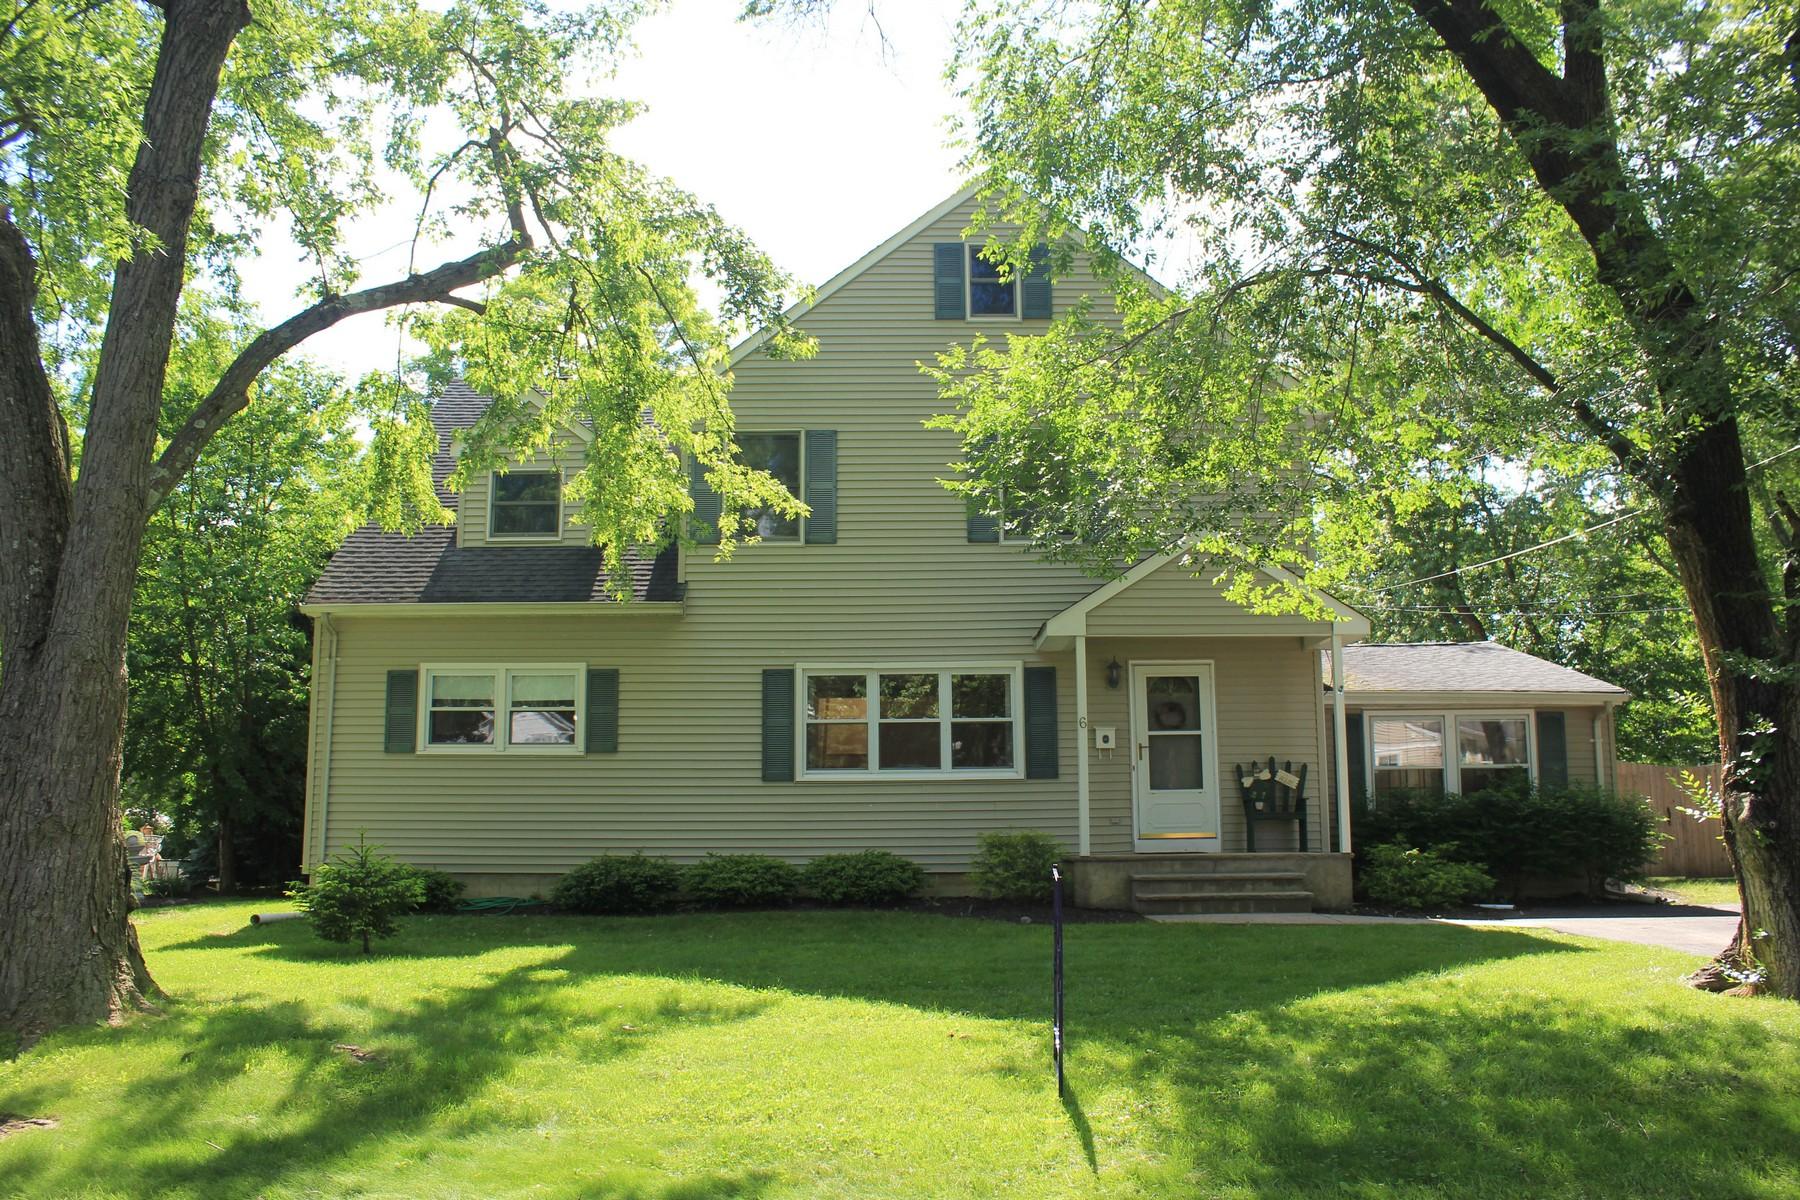 Casa Unifamiliar por un Venta en 6 Jefferson St, Red Bank 6 Jefferson St. Red Bank, Nueva Jersey 07701 Estados Unidos